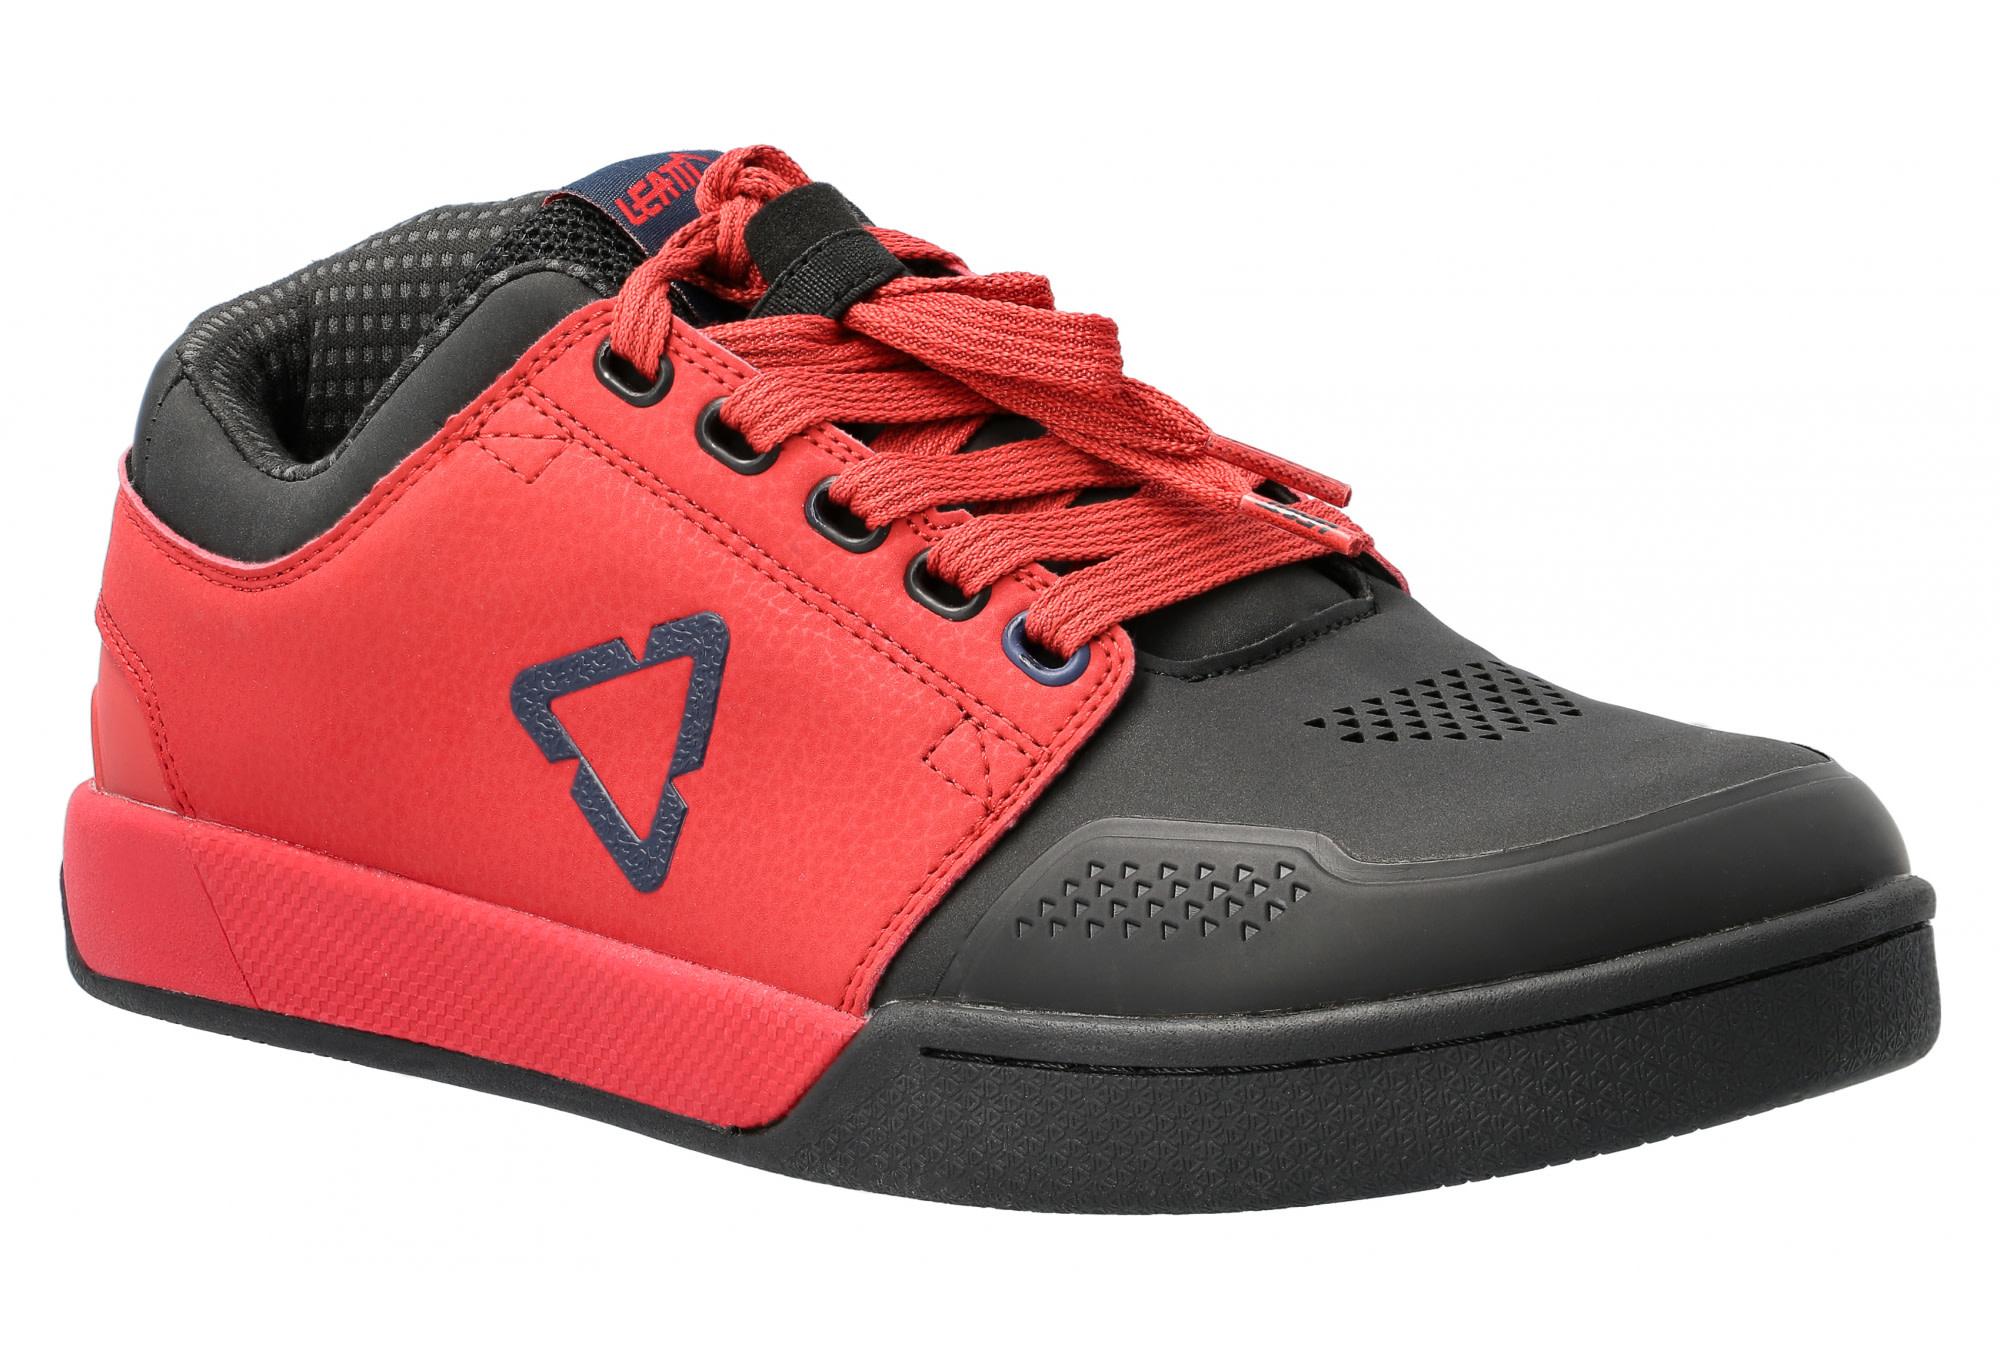 Leatt Leatt, DBX 3.0 Flat Shoes, Chilli - 12